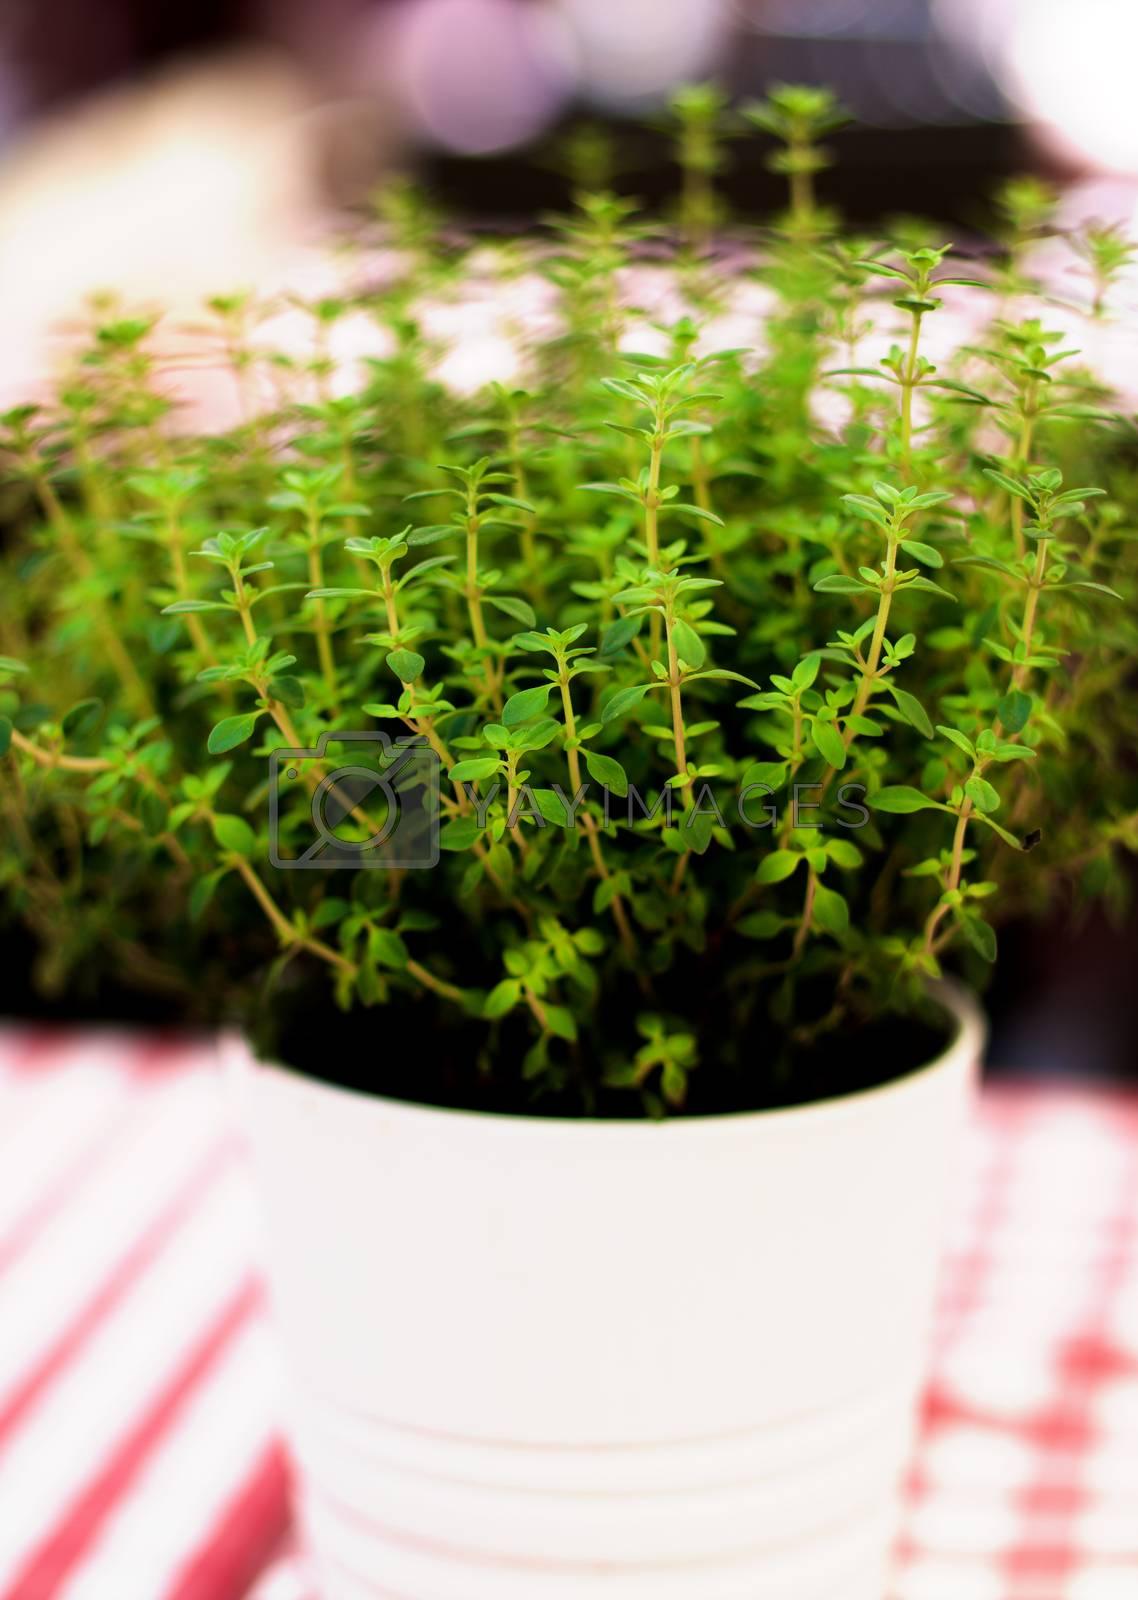 Fresh Thyme in Pot by zhekos